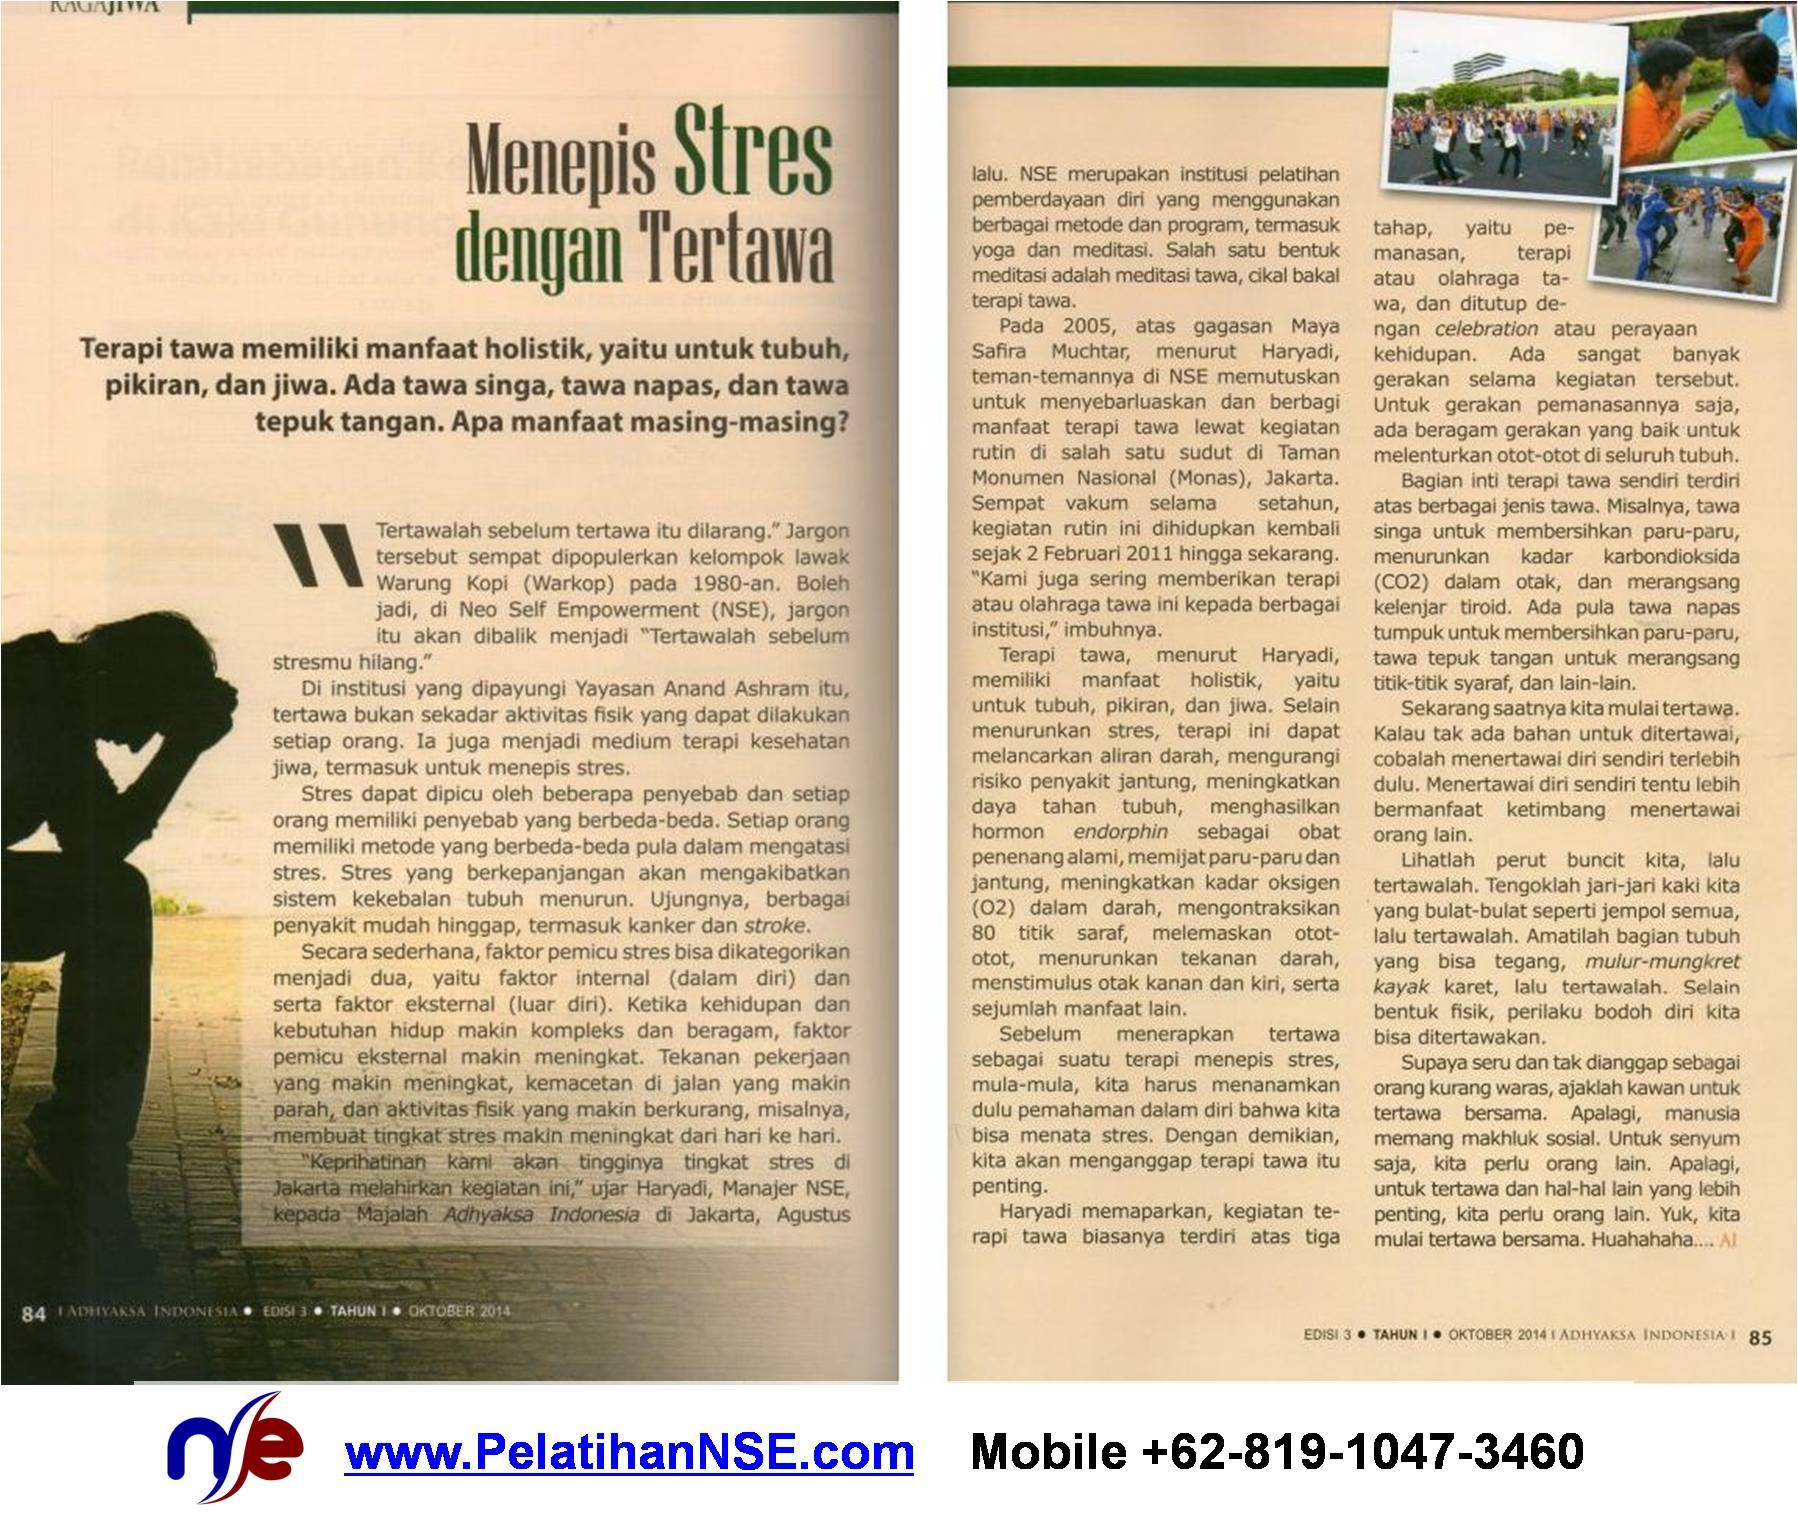 Terapi Tawa - Majalah Adhyaksa Indonesia Edisi 3 - Tahun I - Oktober 2014